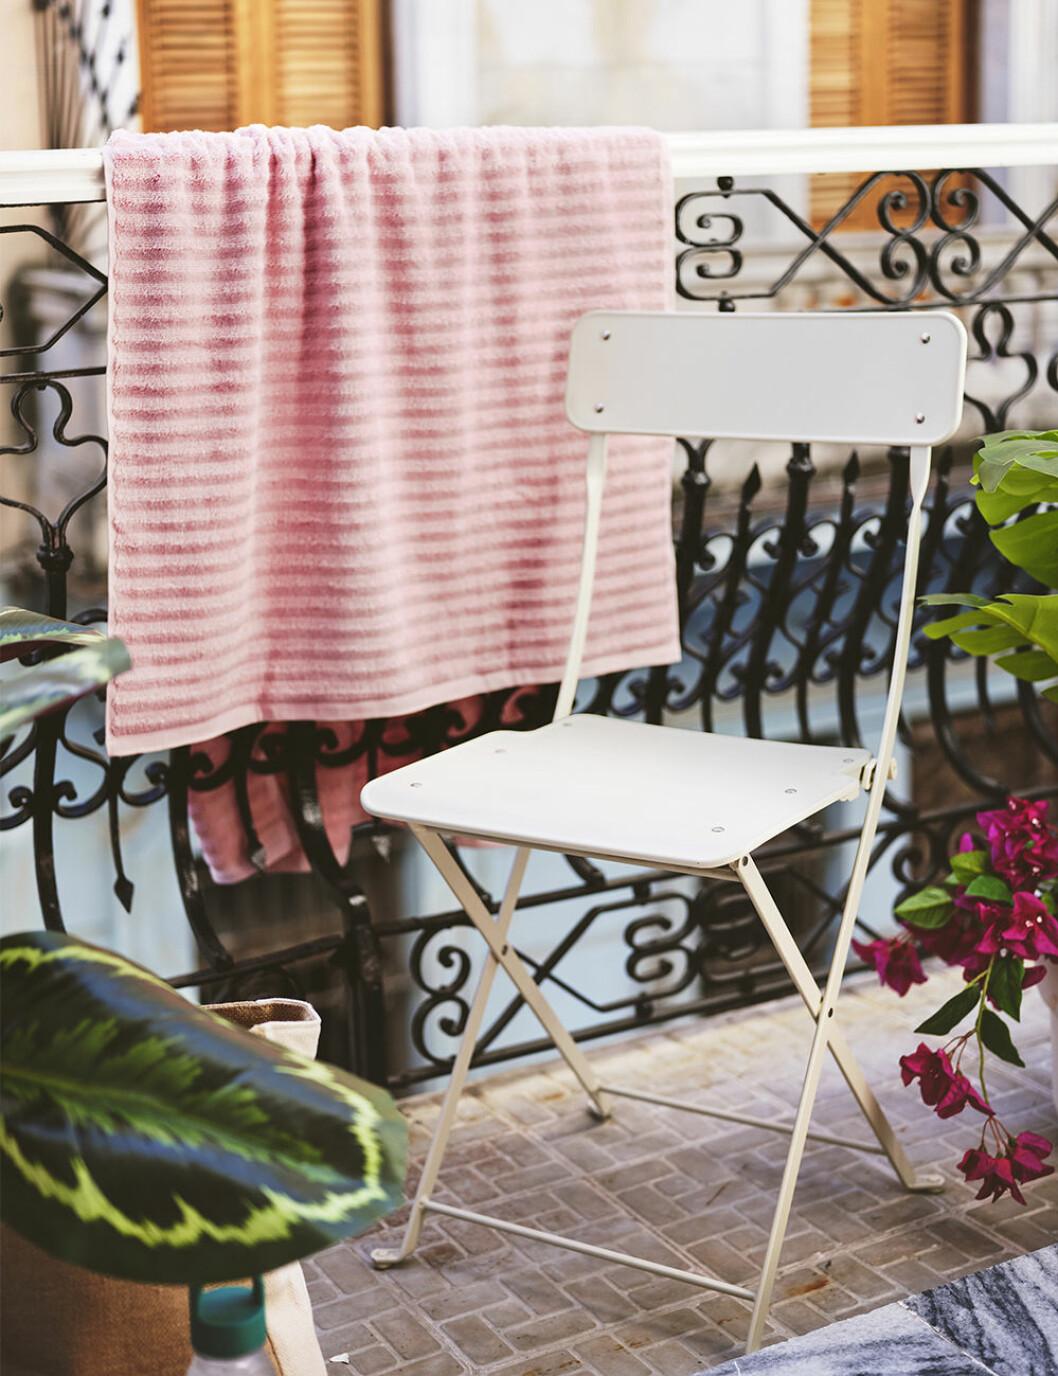 Balkongmöbler och handduk från Ikea sommaren 2020